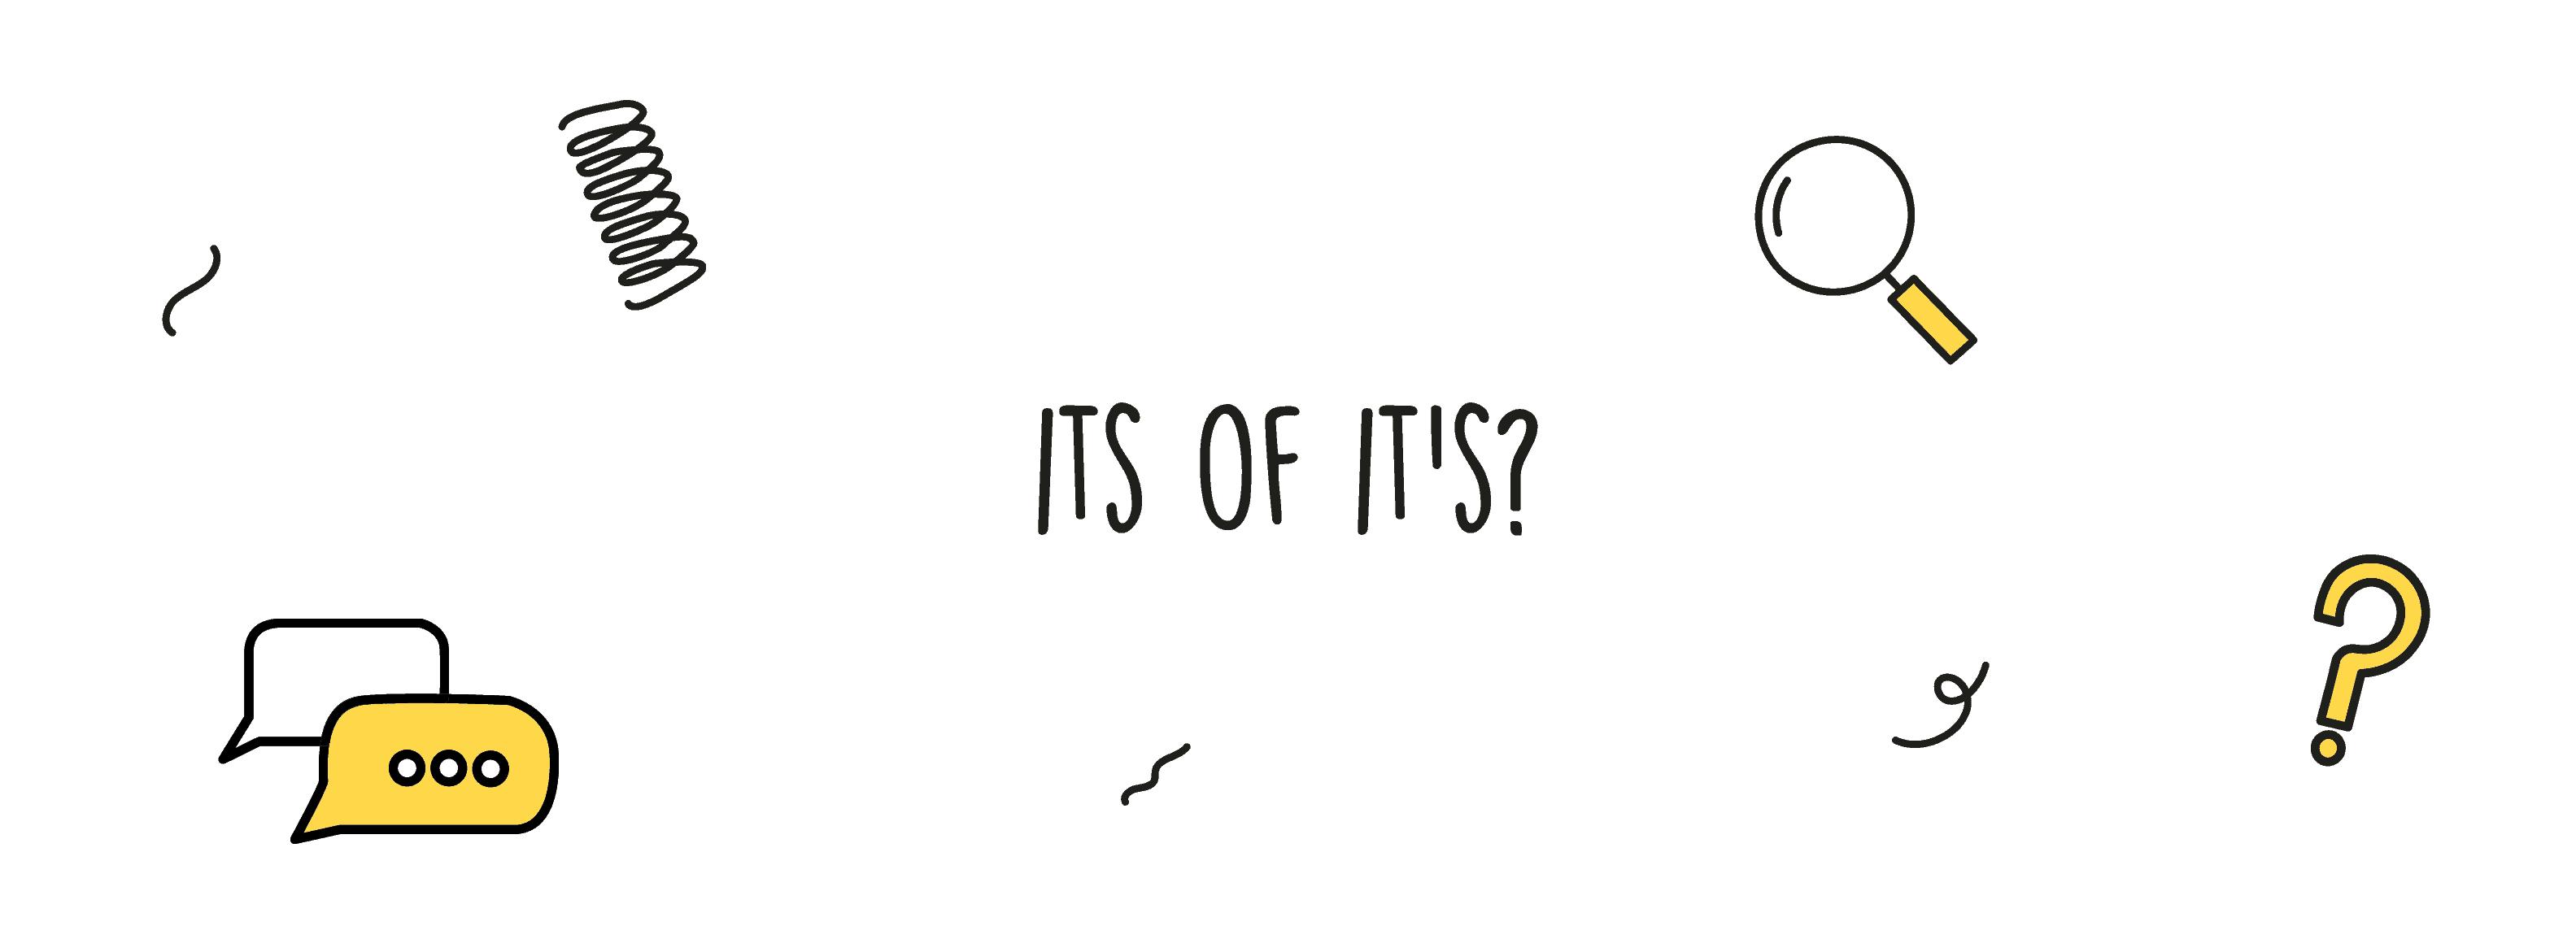 its of it's?